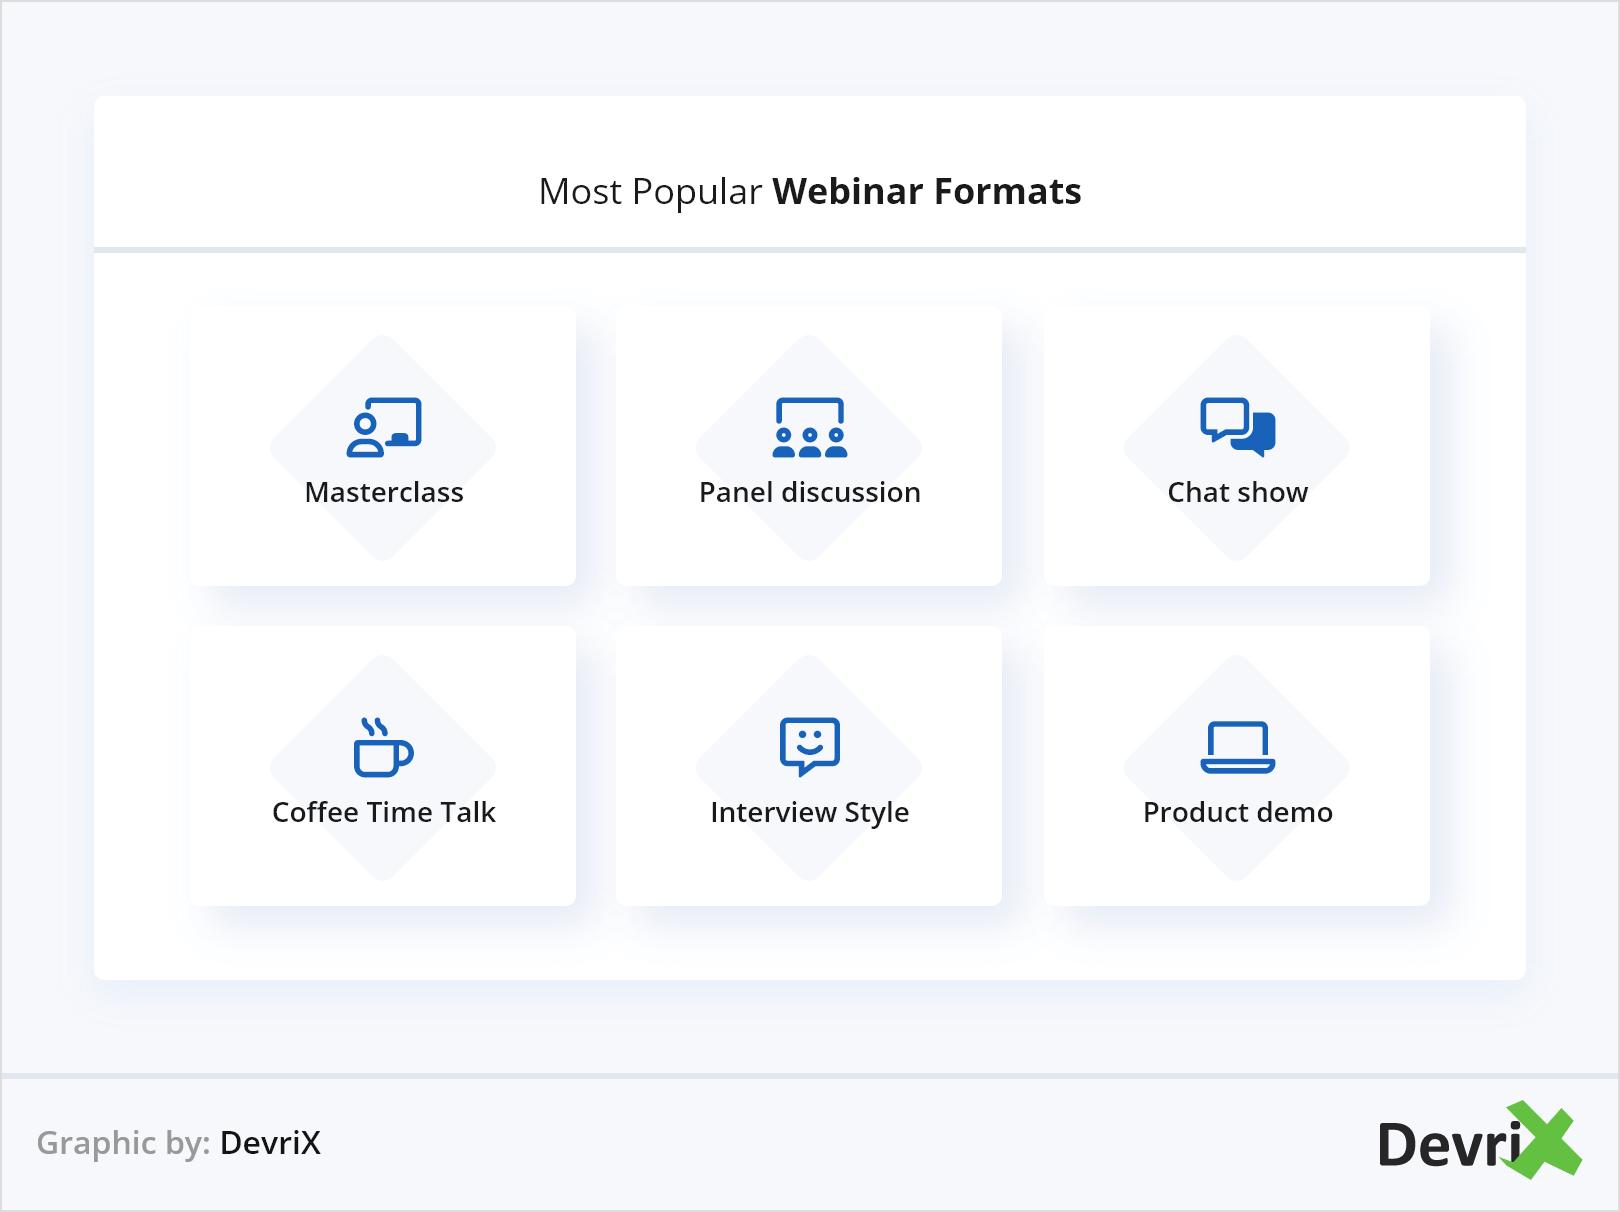 Most Popular Webinar Formats